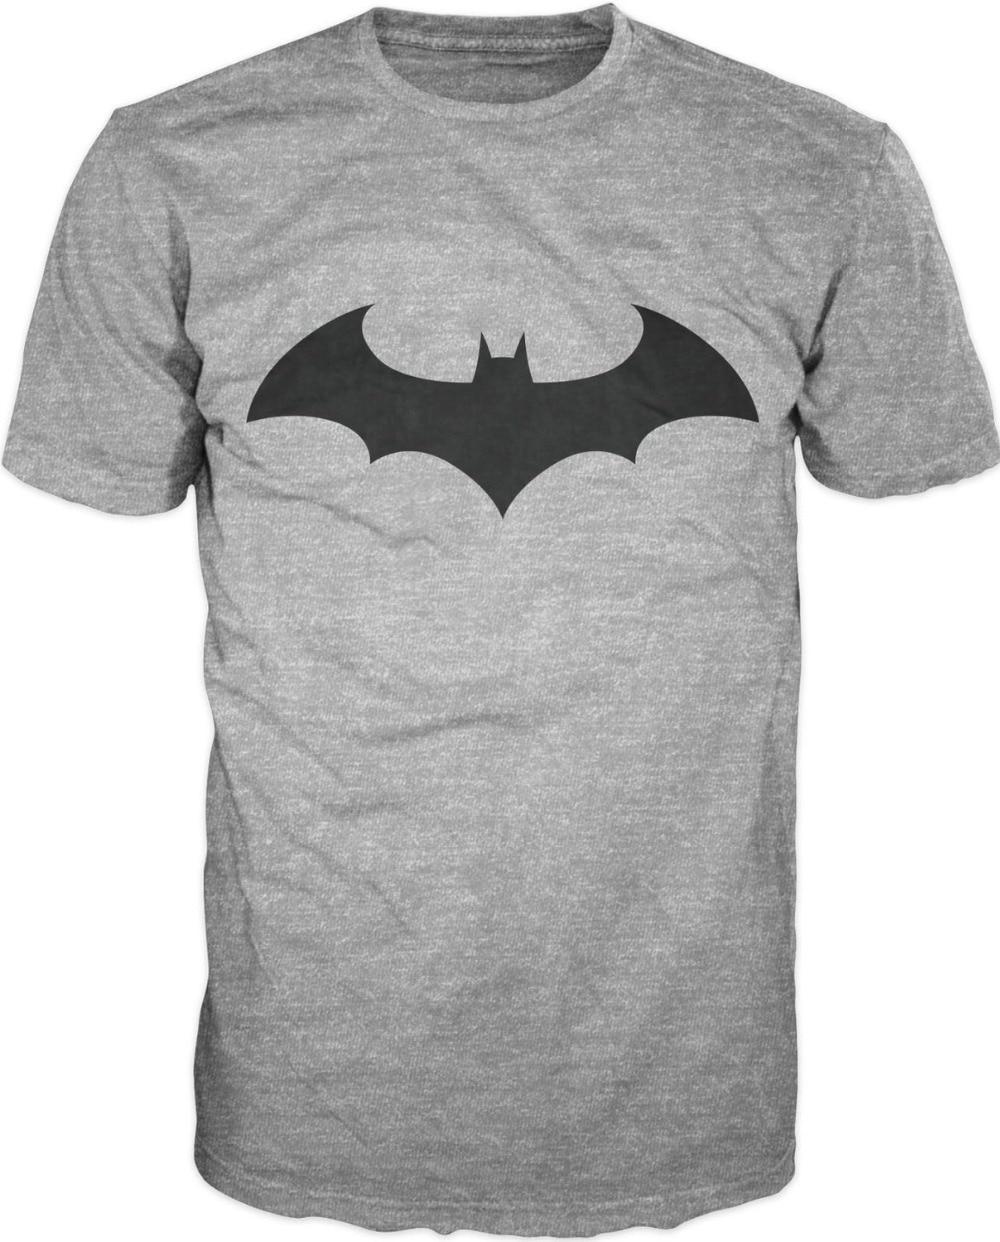 Batman dark knight logo bat fly mens t shirt brand new for Best mens t shirt brands